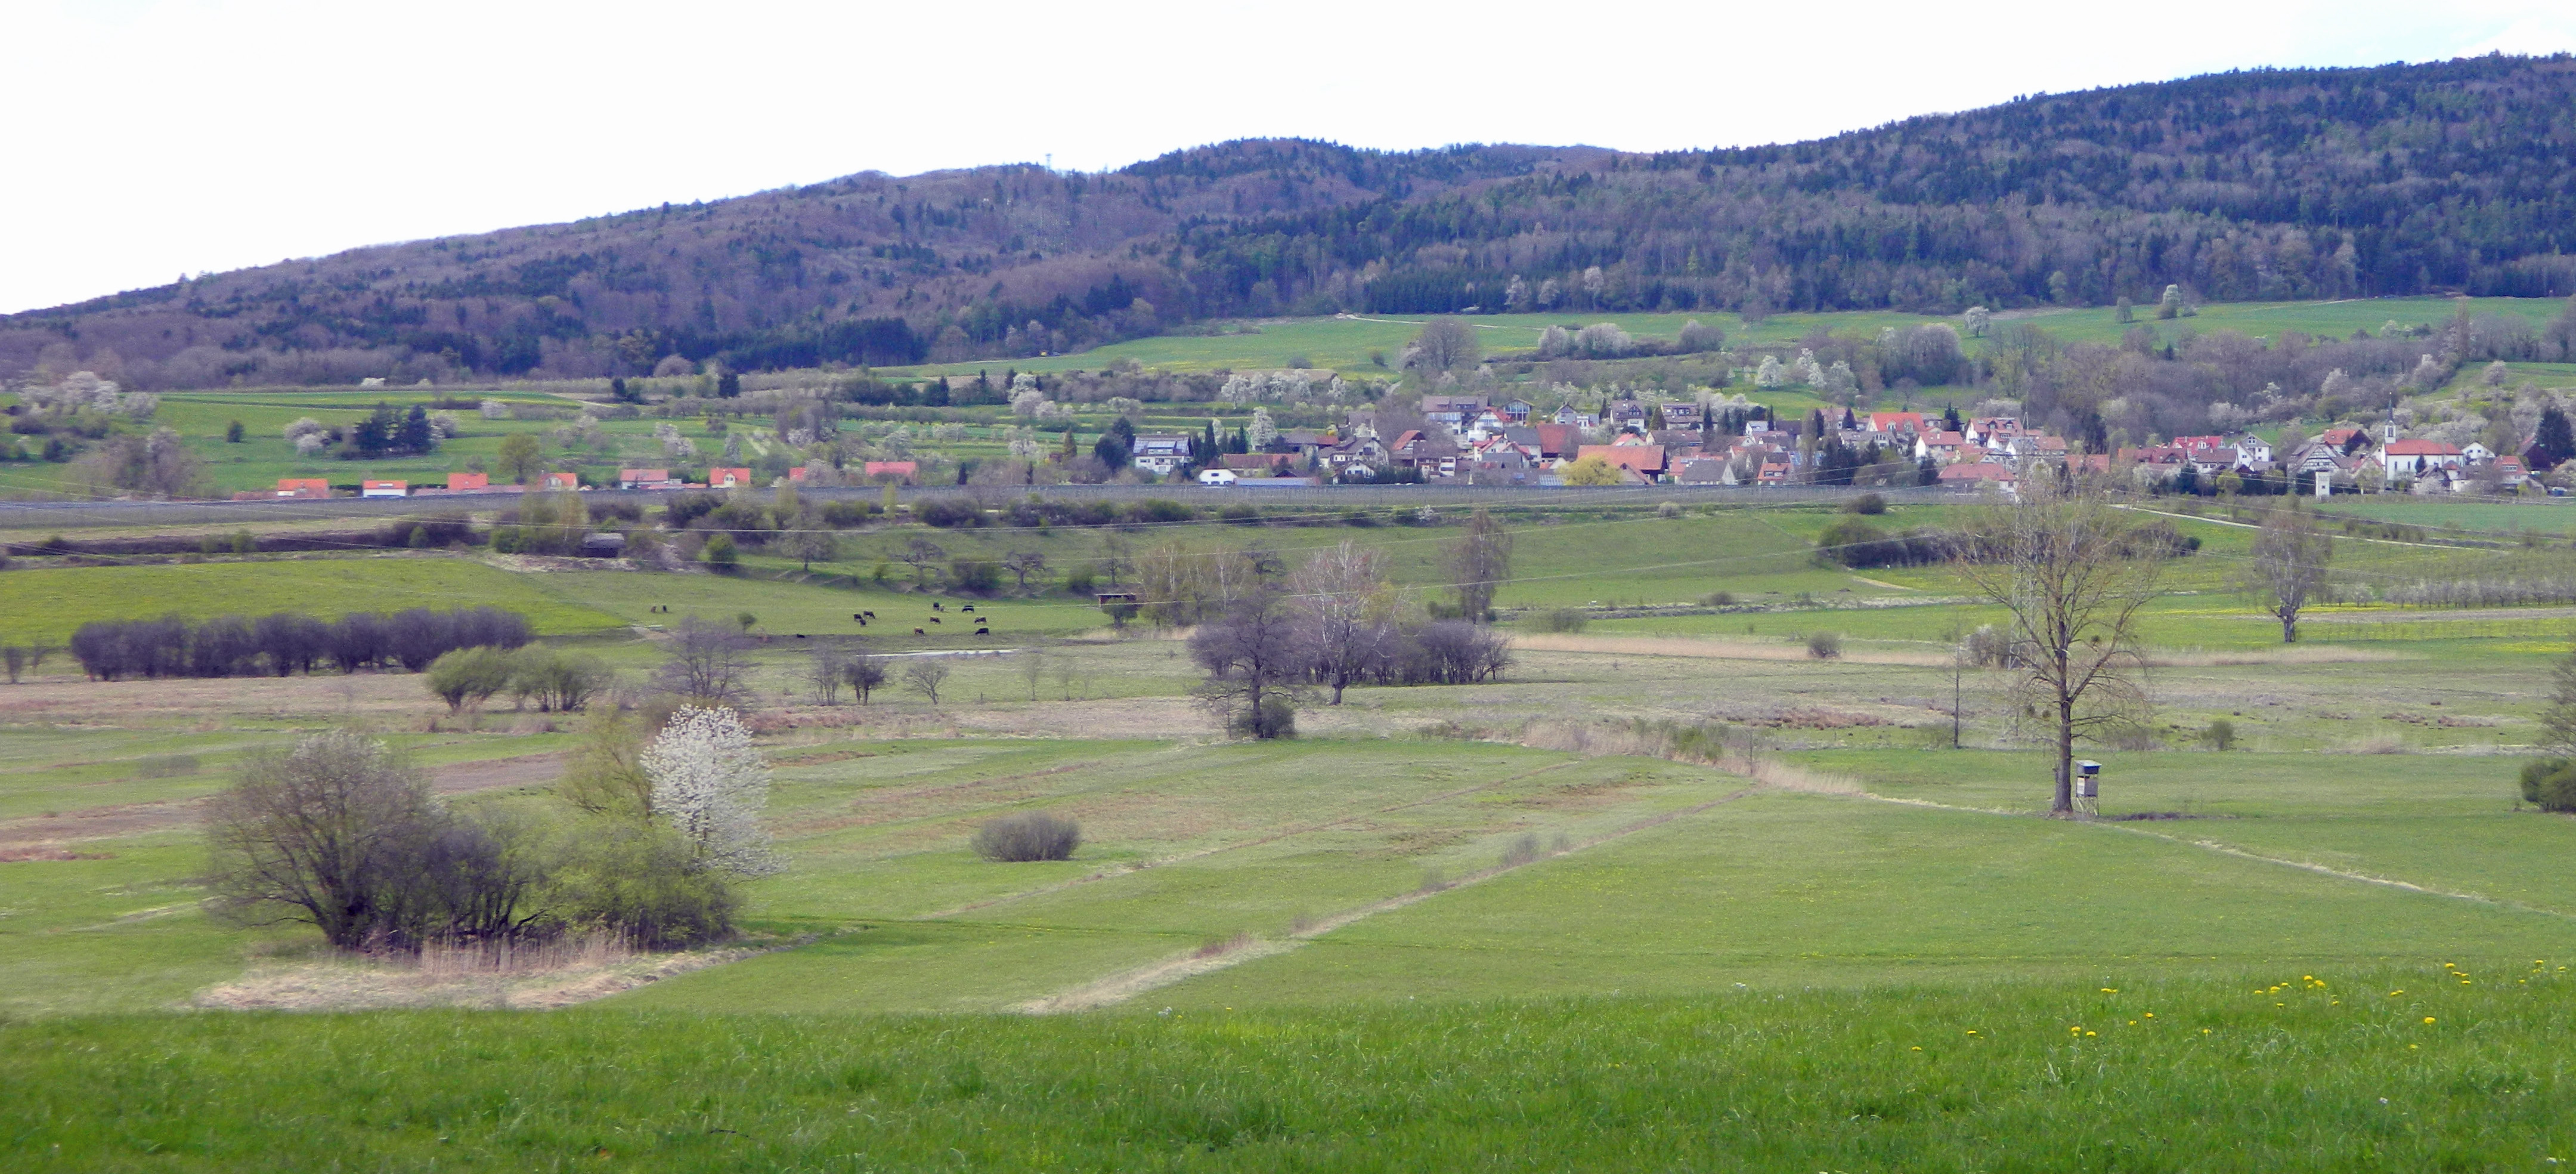 Blick aufs Hepbach-Leimbacher Ried am 27.4.2012 (Foto Probst)